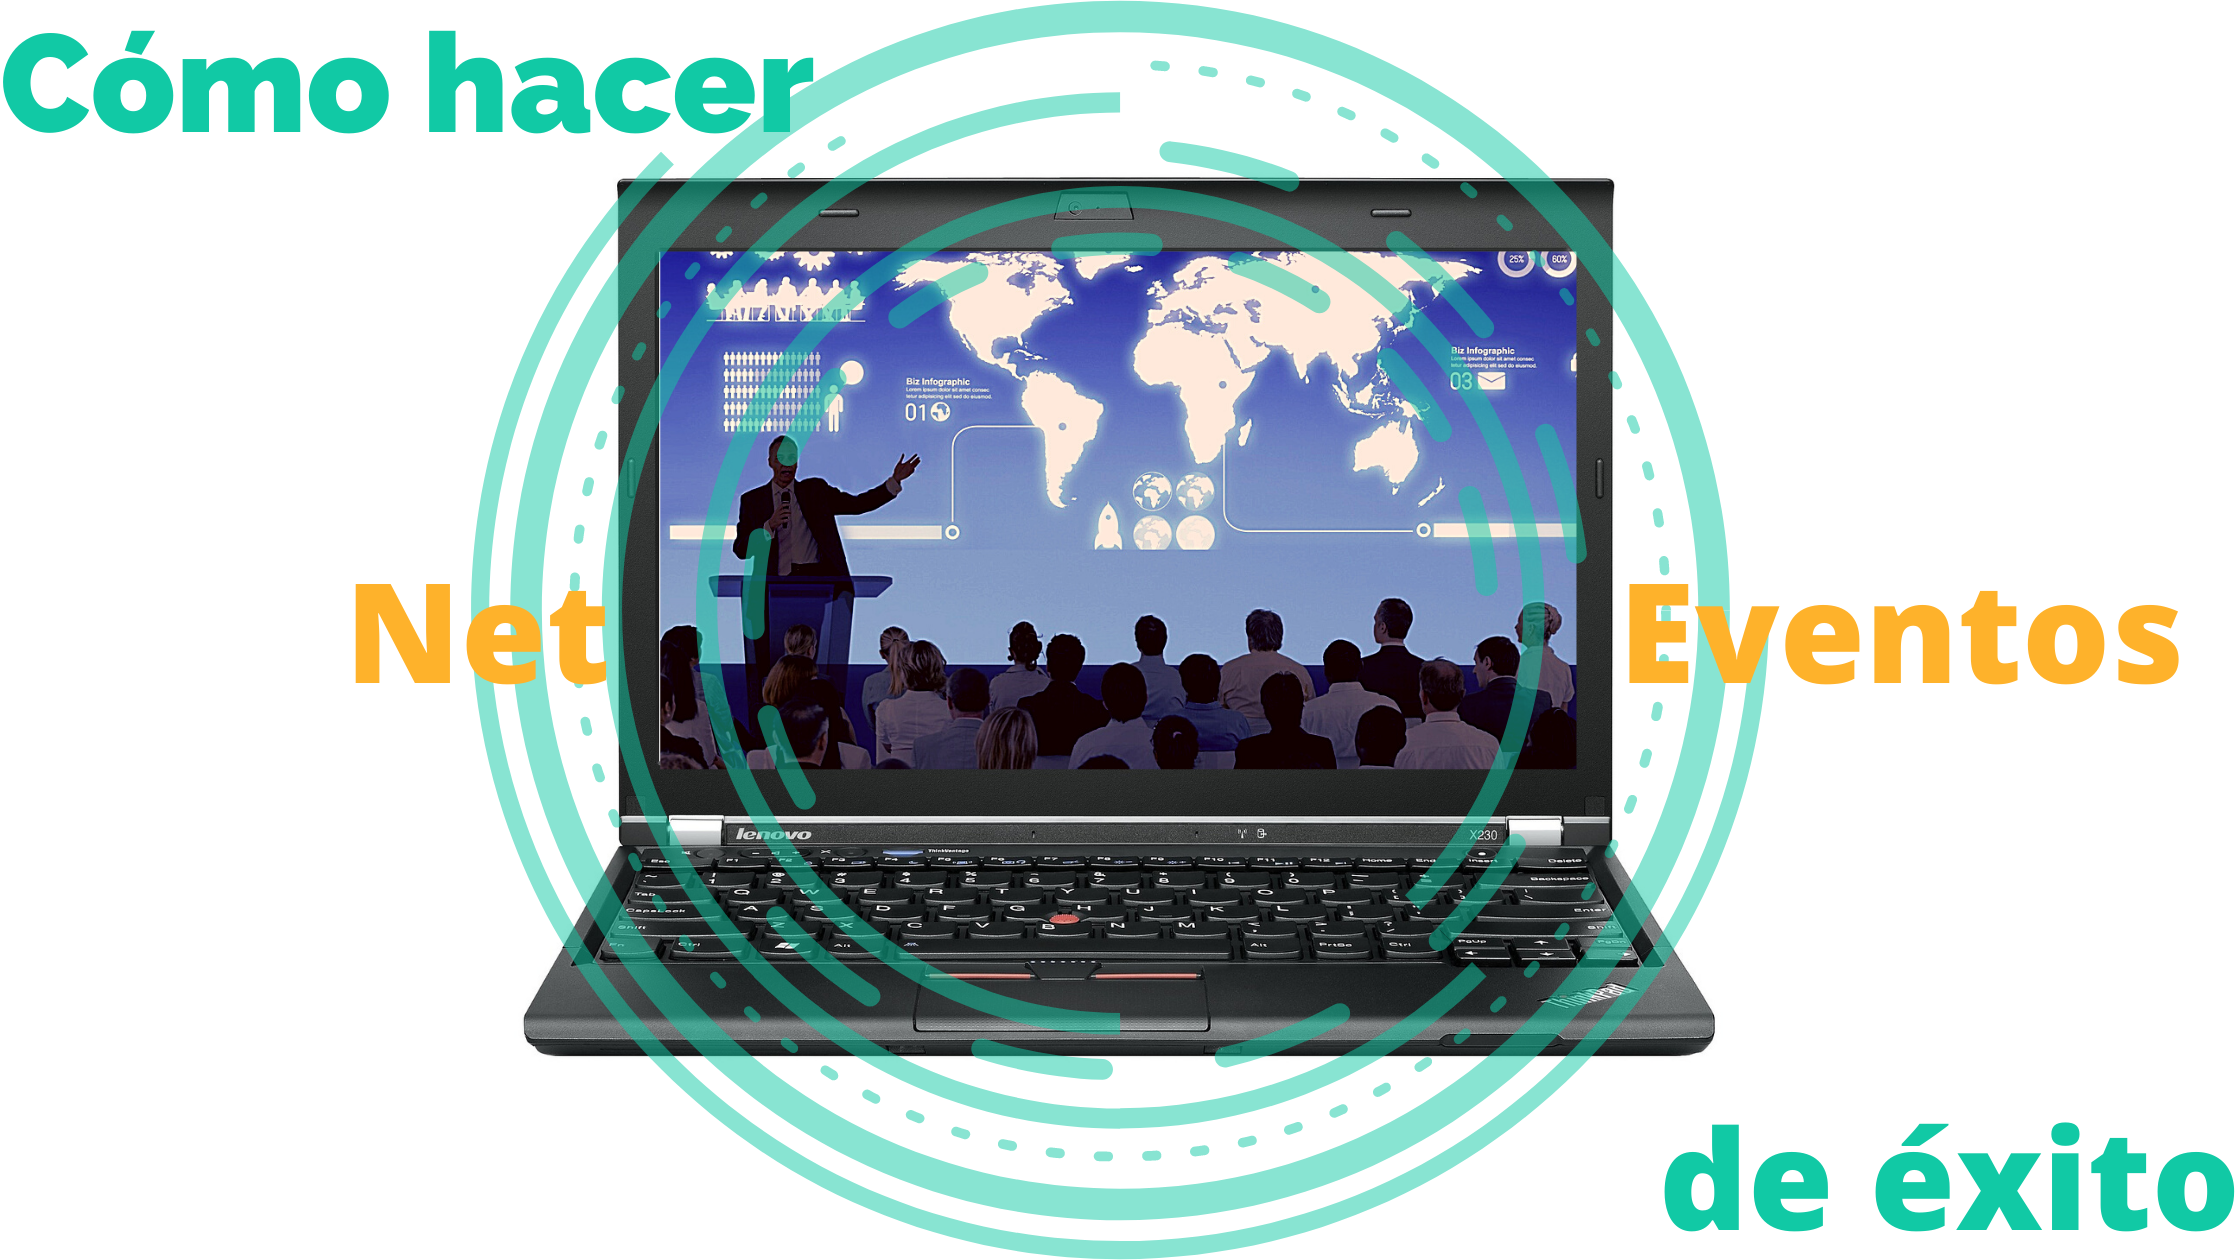 Cómo hacer Eventos digitales de éxito